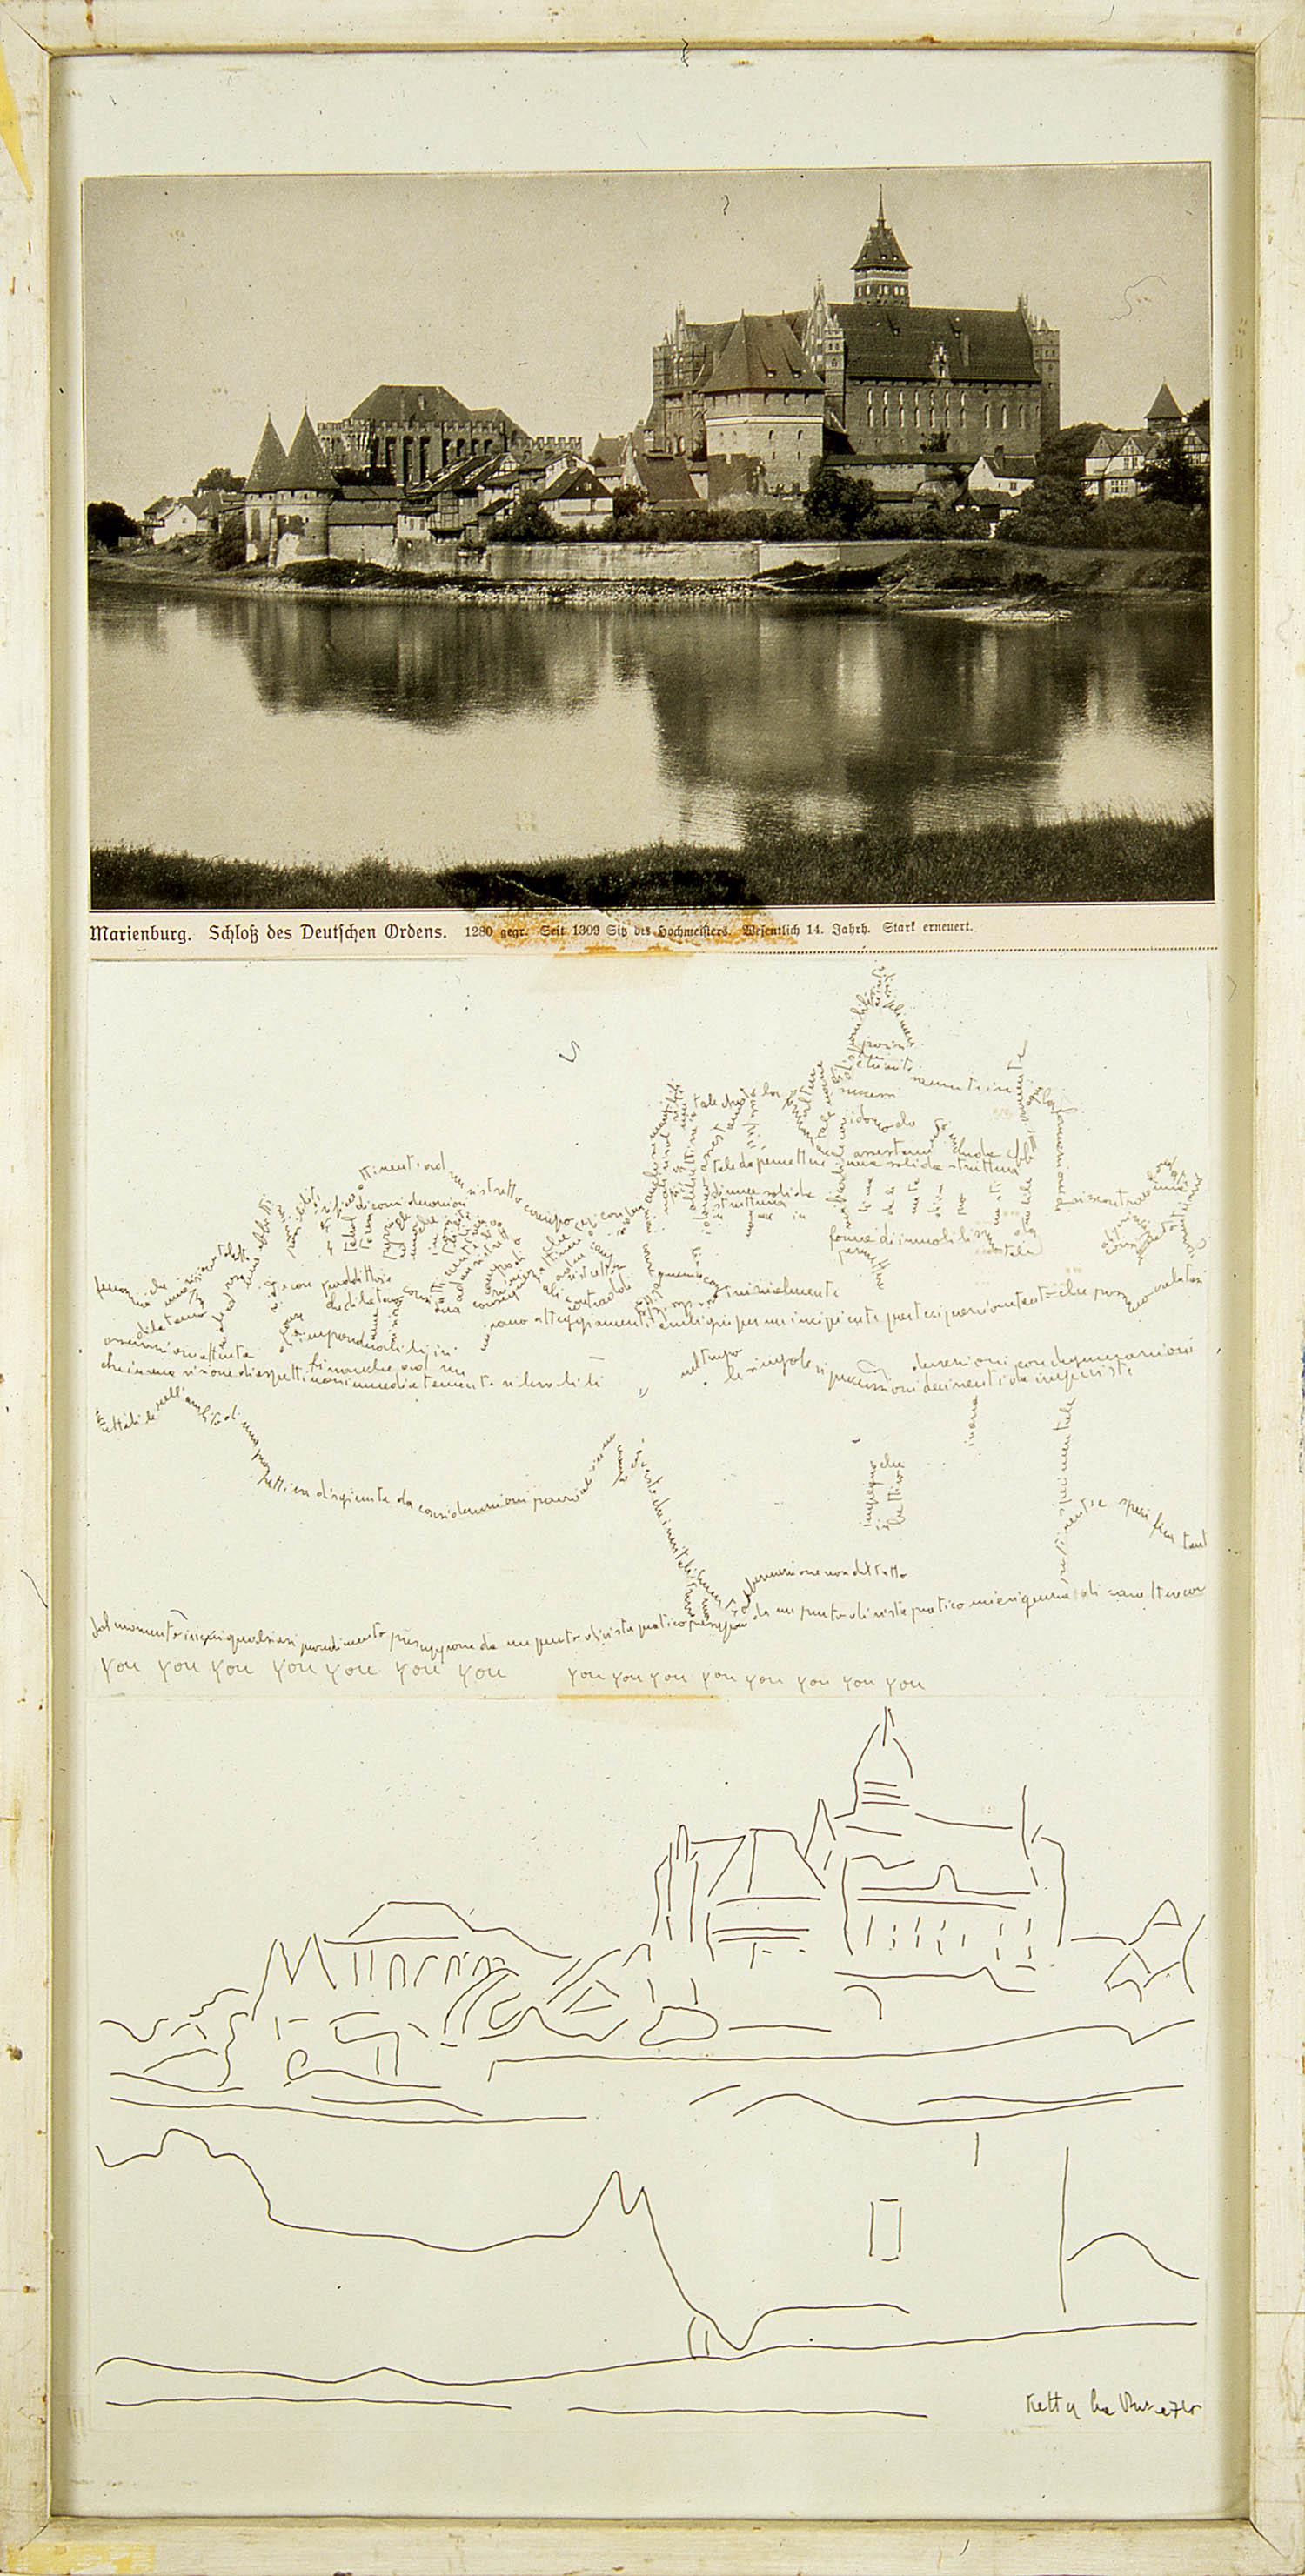 Un Castello | 1974 | Schwarz-weiß-Druck und Federzeichnung auf Papier, montiert auf Karton | 65 x 28 cm